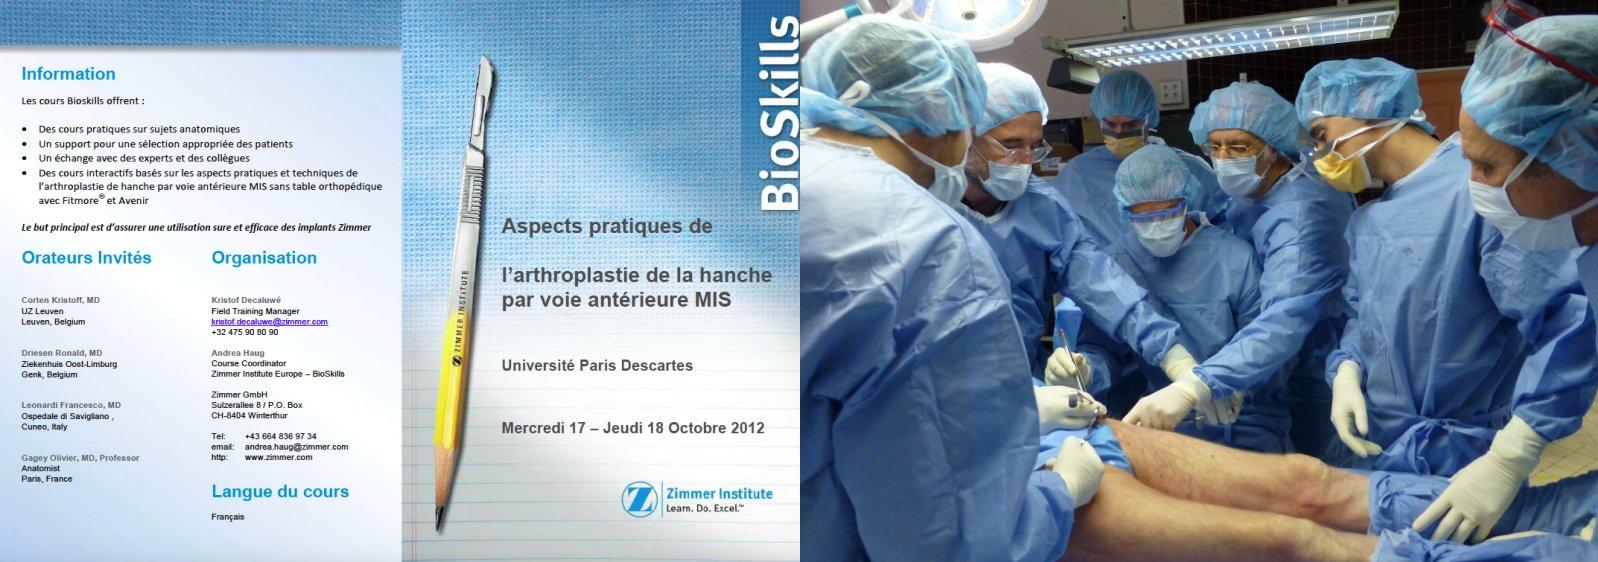 parigi-2012-bis